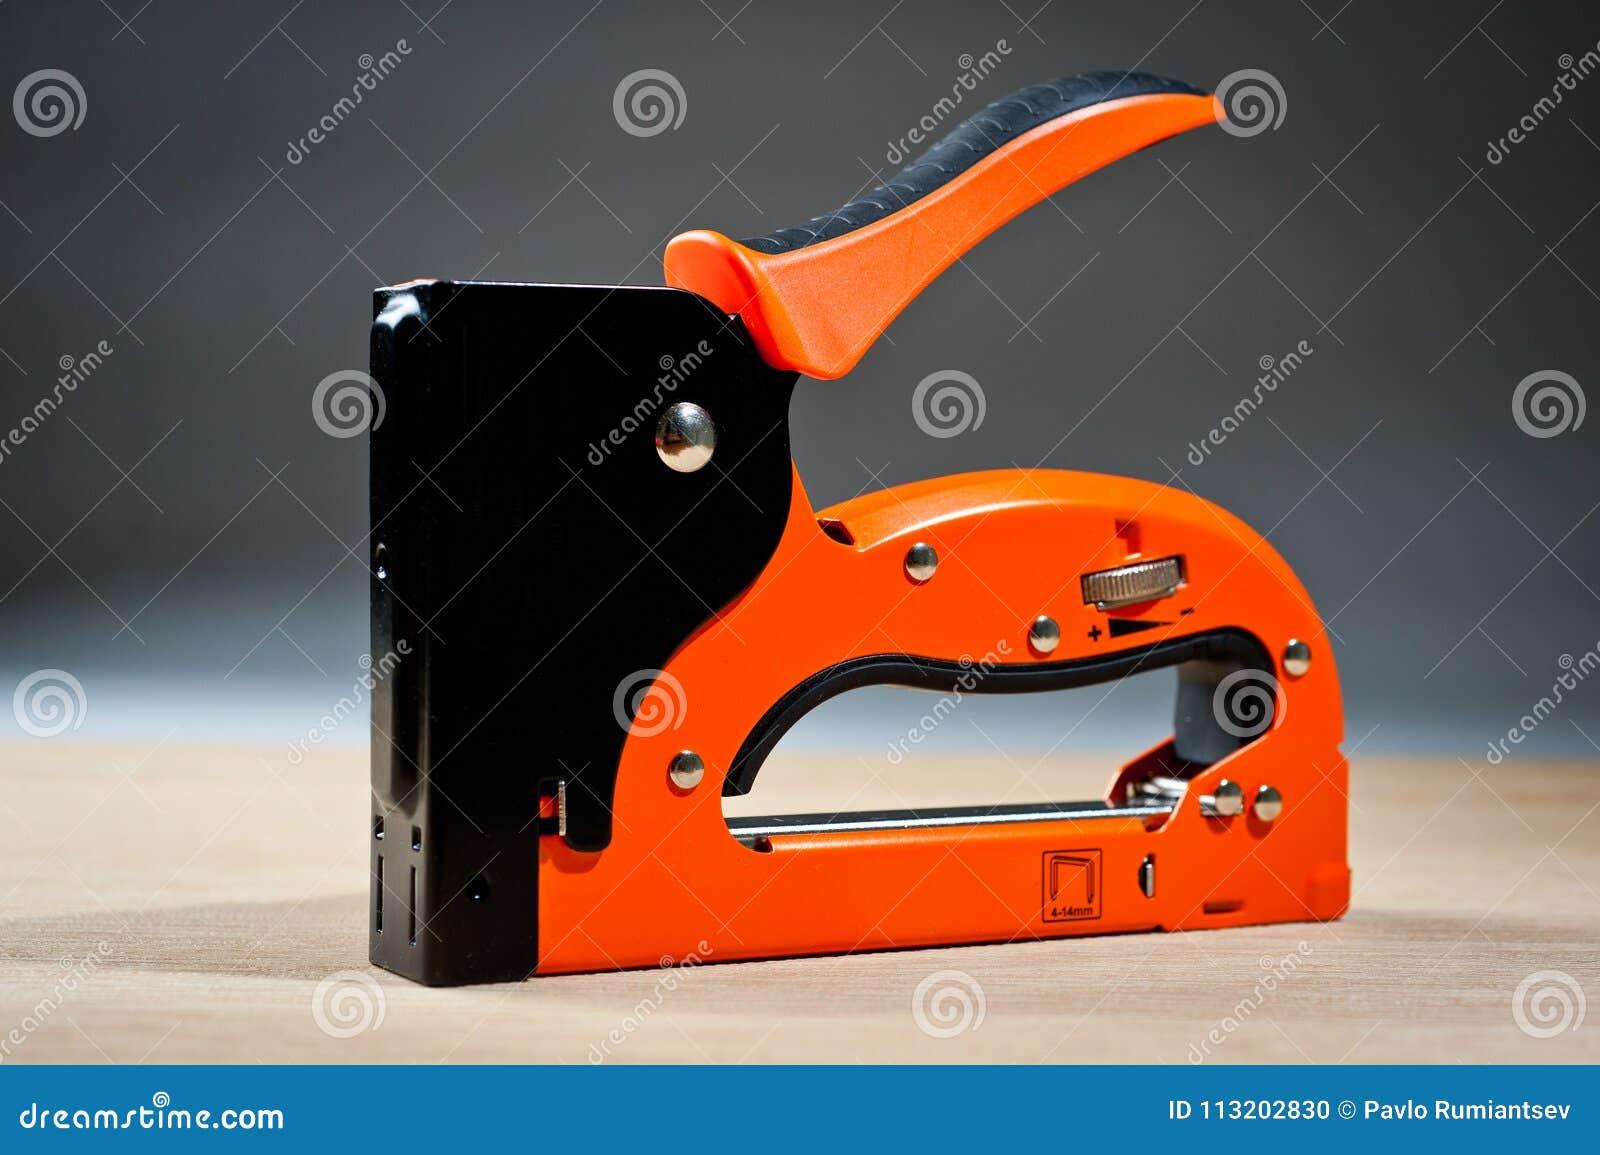 Stapler household new orange, reliable